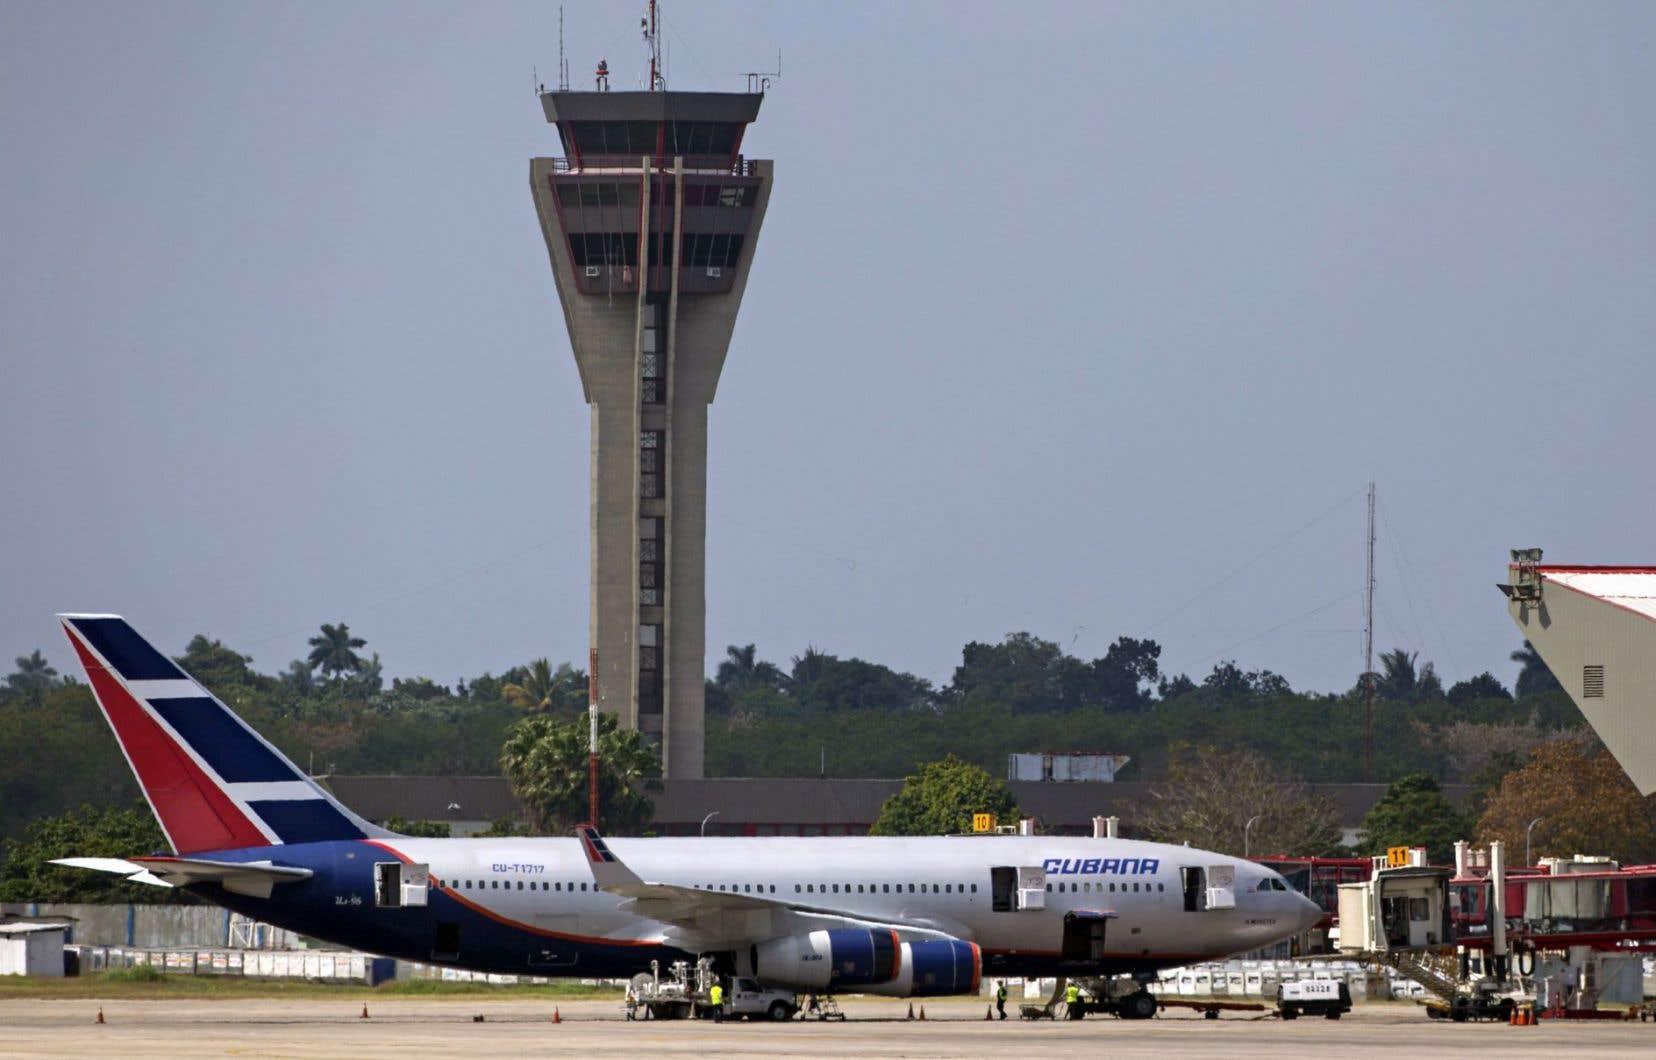 Un avion de la compagnie Cubana sur le tarmac de l'aéroport José-Martí, à La Havane